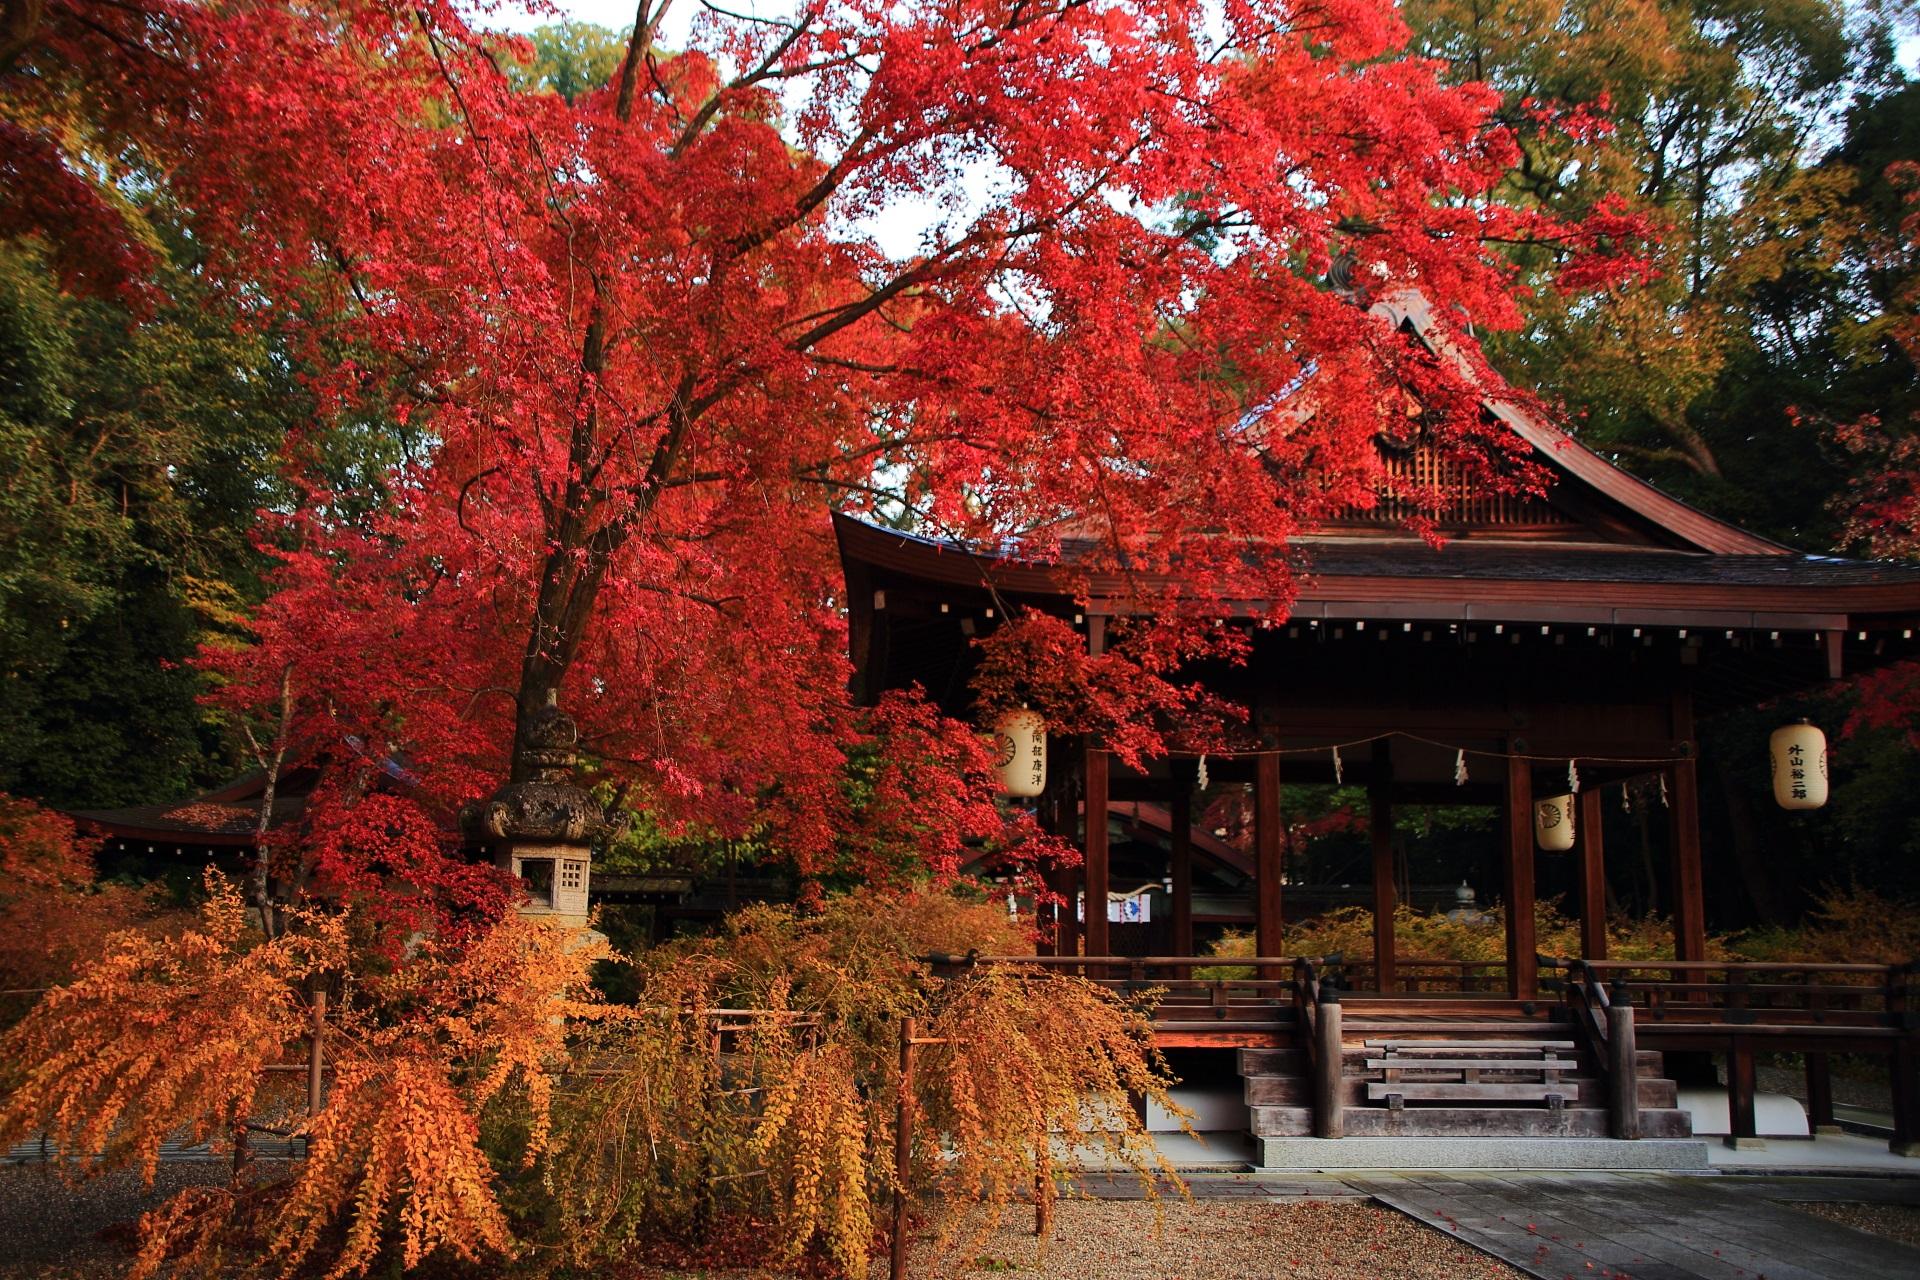 梨木神社 紅葉 秋に彩られる萩ともみじの名所